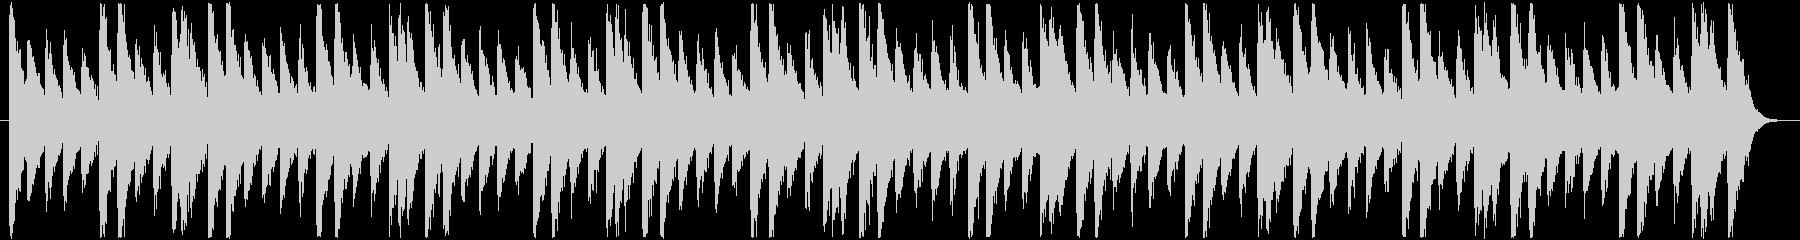 怪しいBGM_チープな感じの未再生の波形